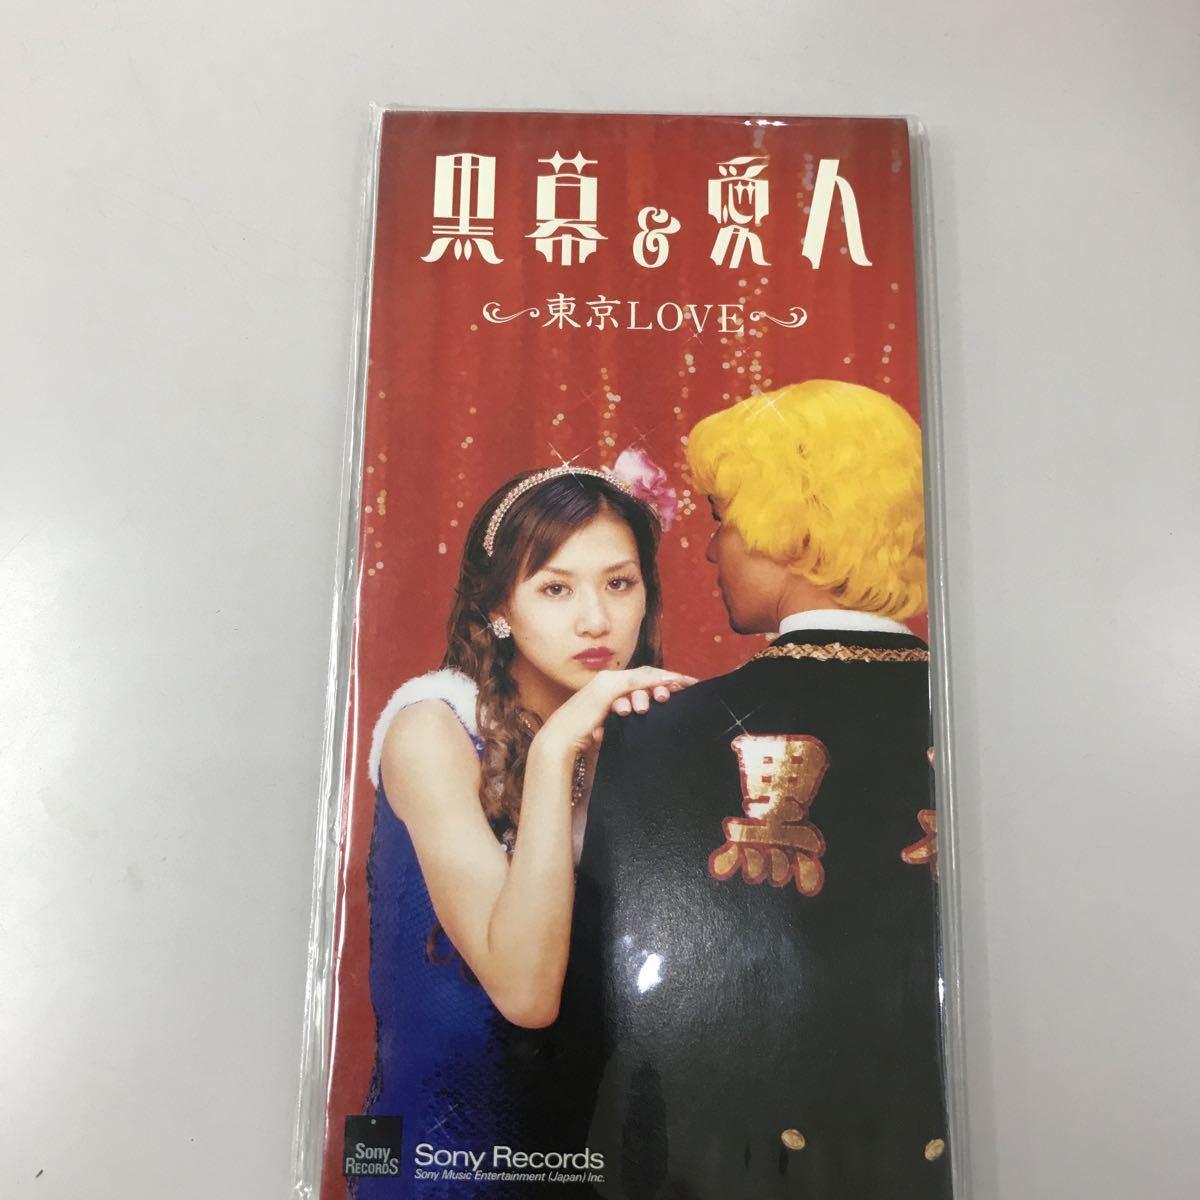 シングルCD 8センチ 未開封【邦楽】長期保存品 黒幕&愛人 東京LOVE